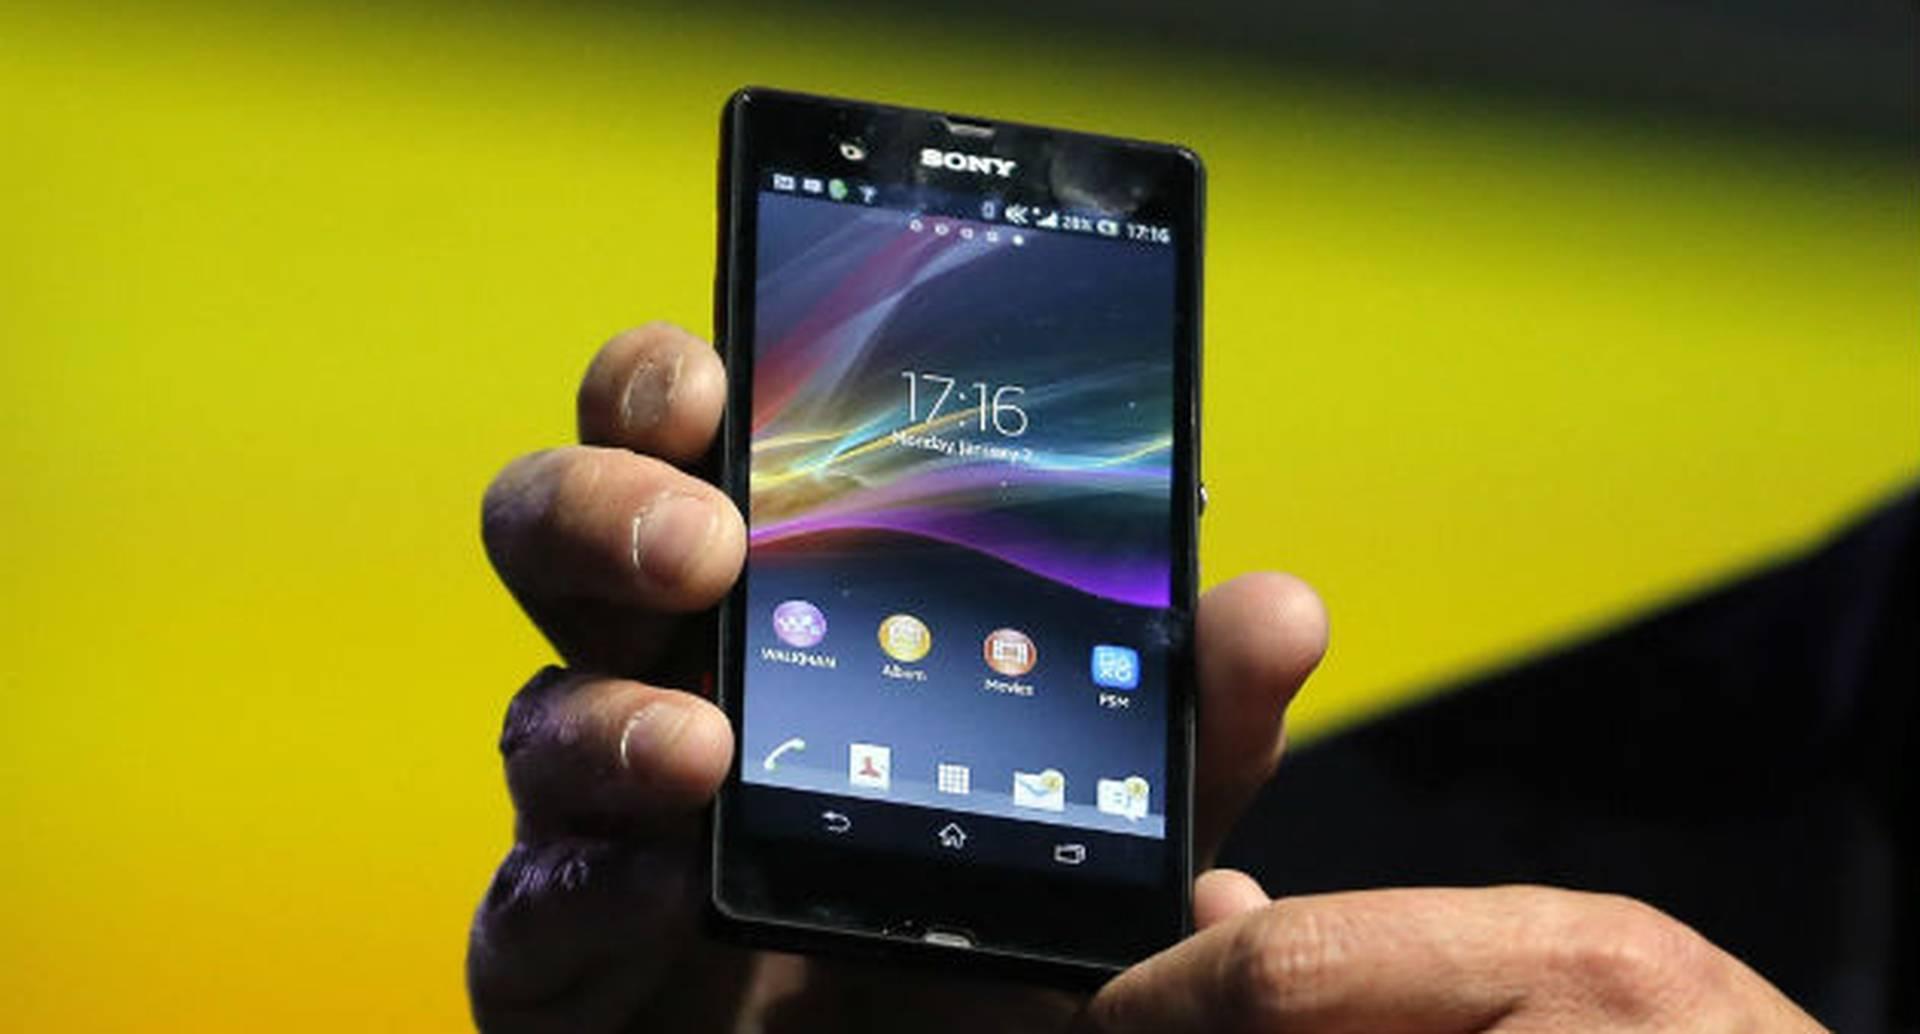 Cuanto más jóvenes más proclives somos de abusar en el uso de smartphones, dicen expertos.